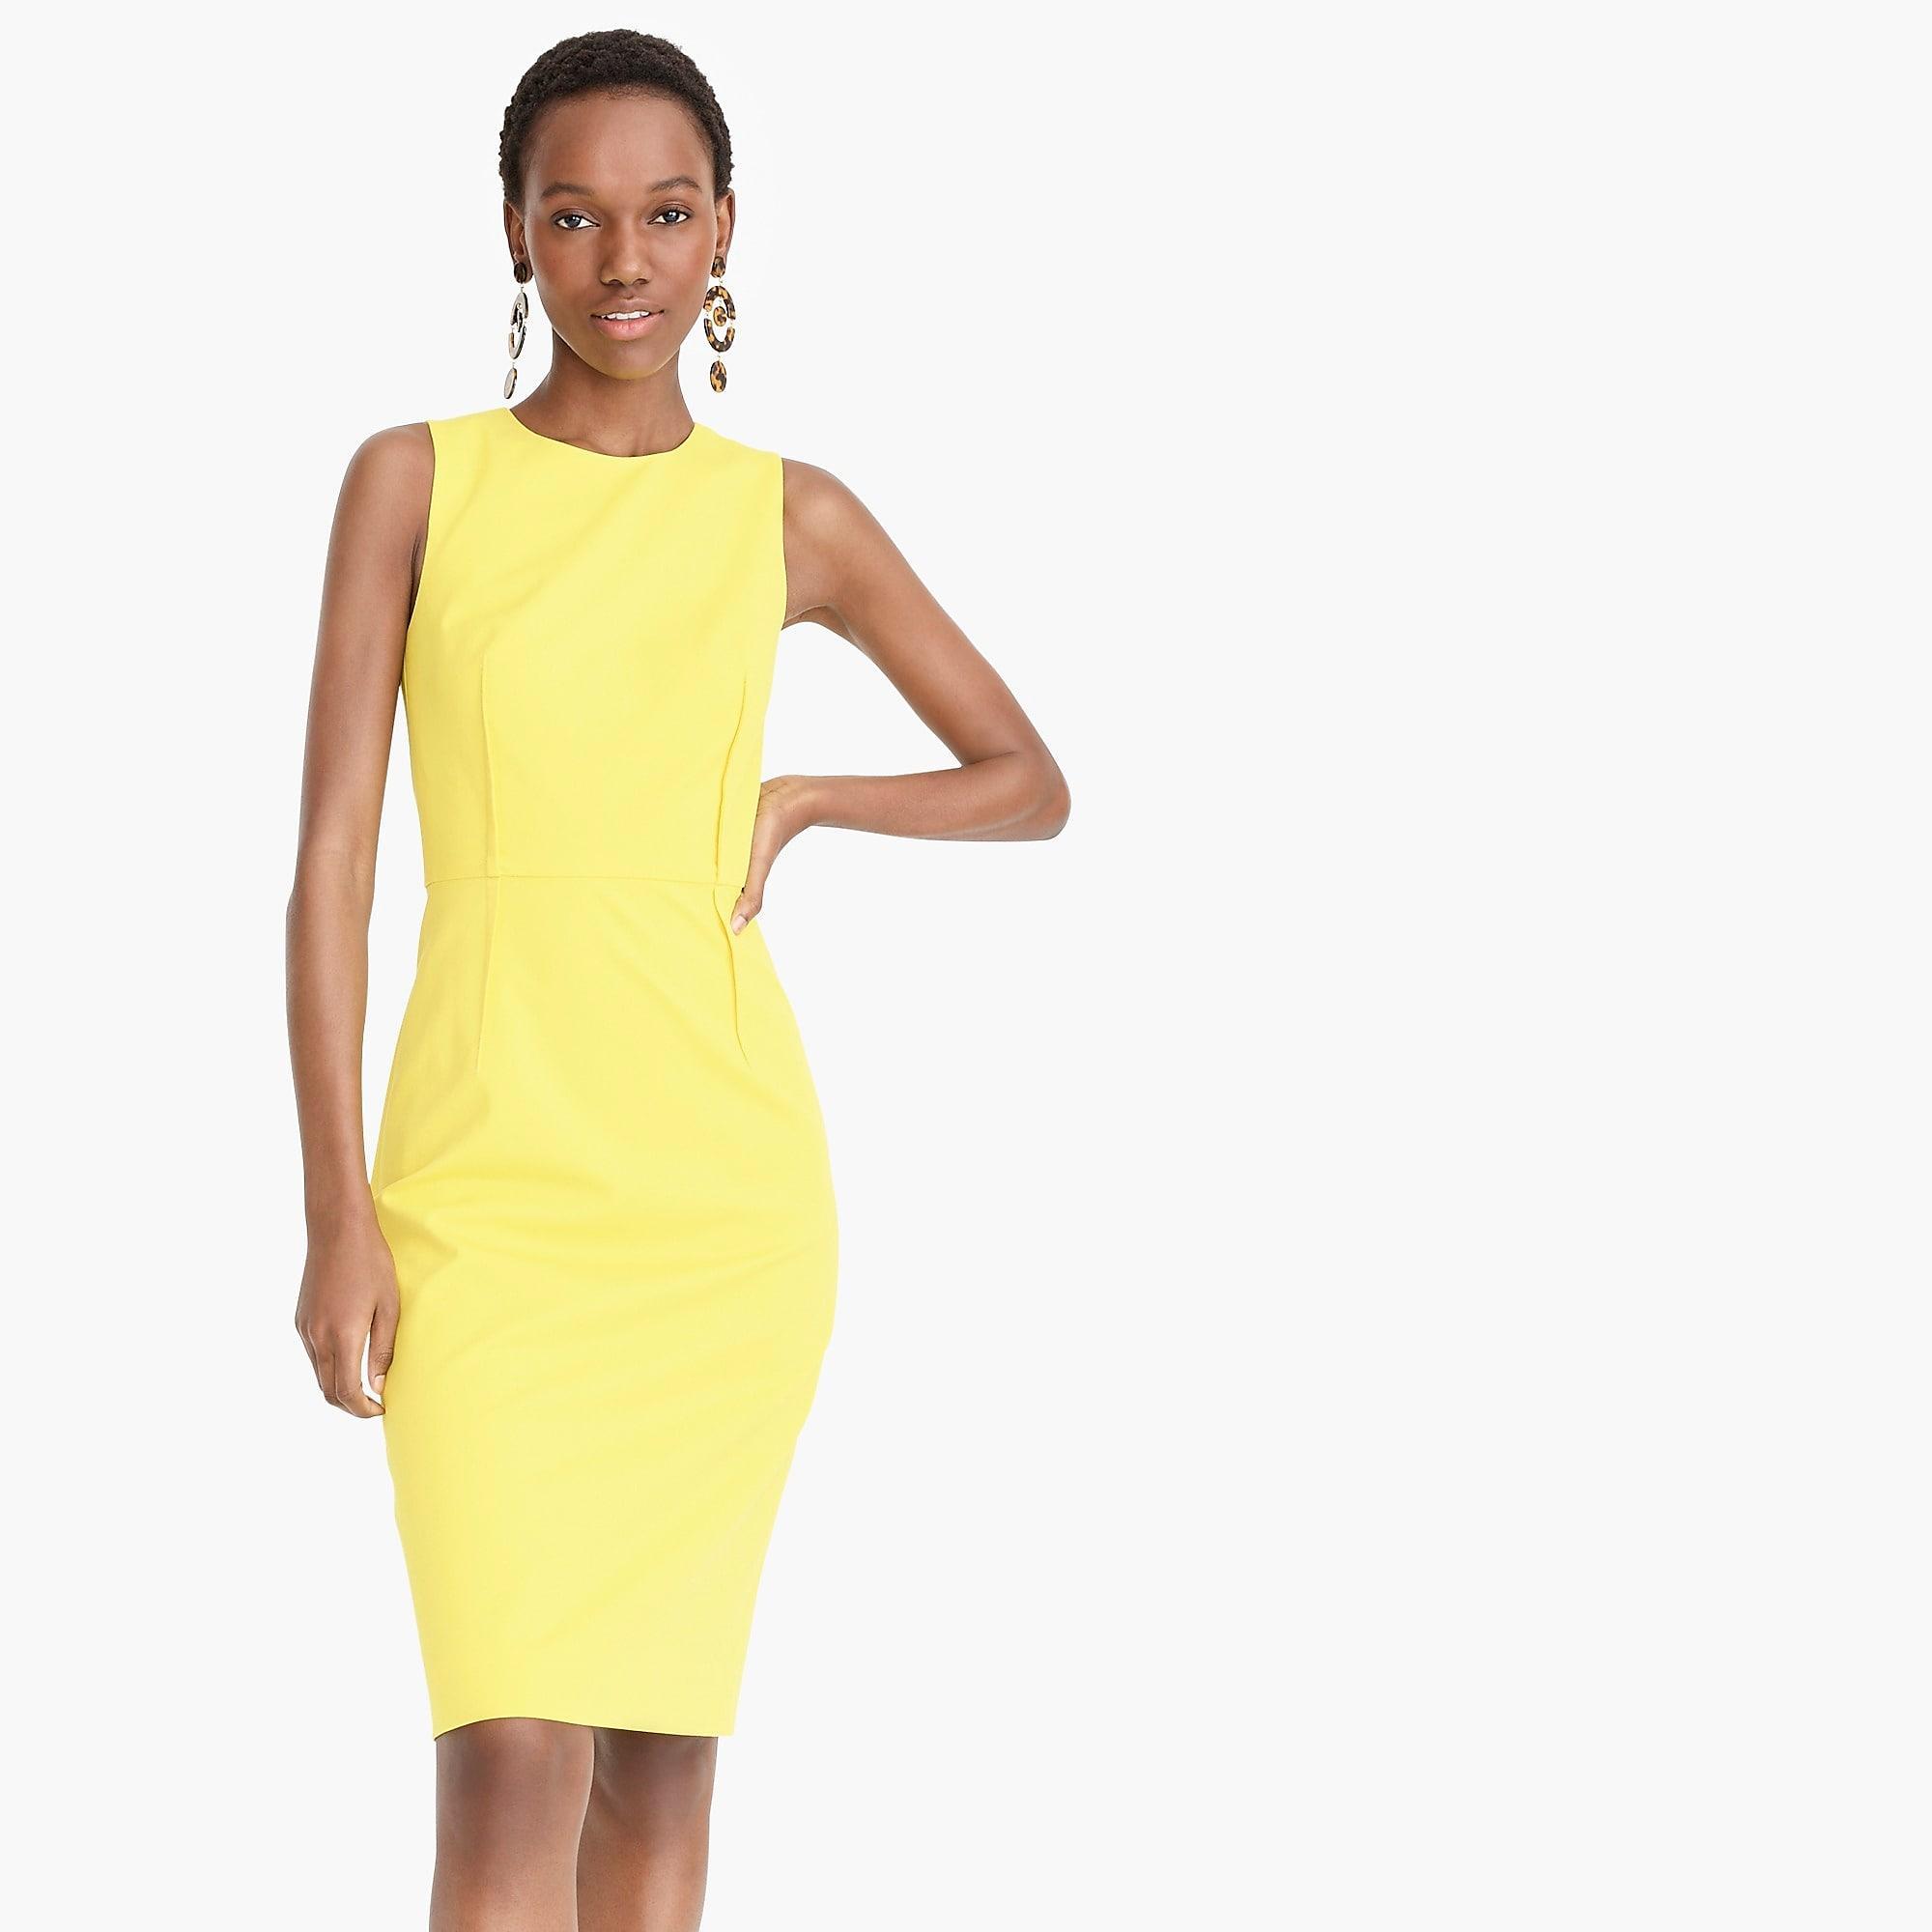 6557a234 J.Crew Sheath Dress In Bi-stretch Cotton in Yellow - Lyst